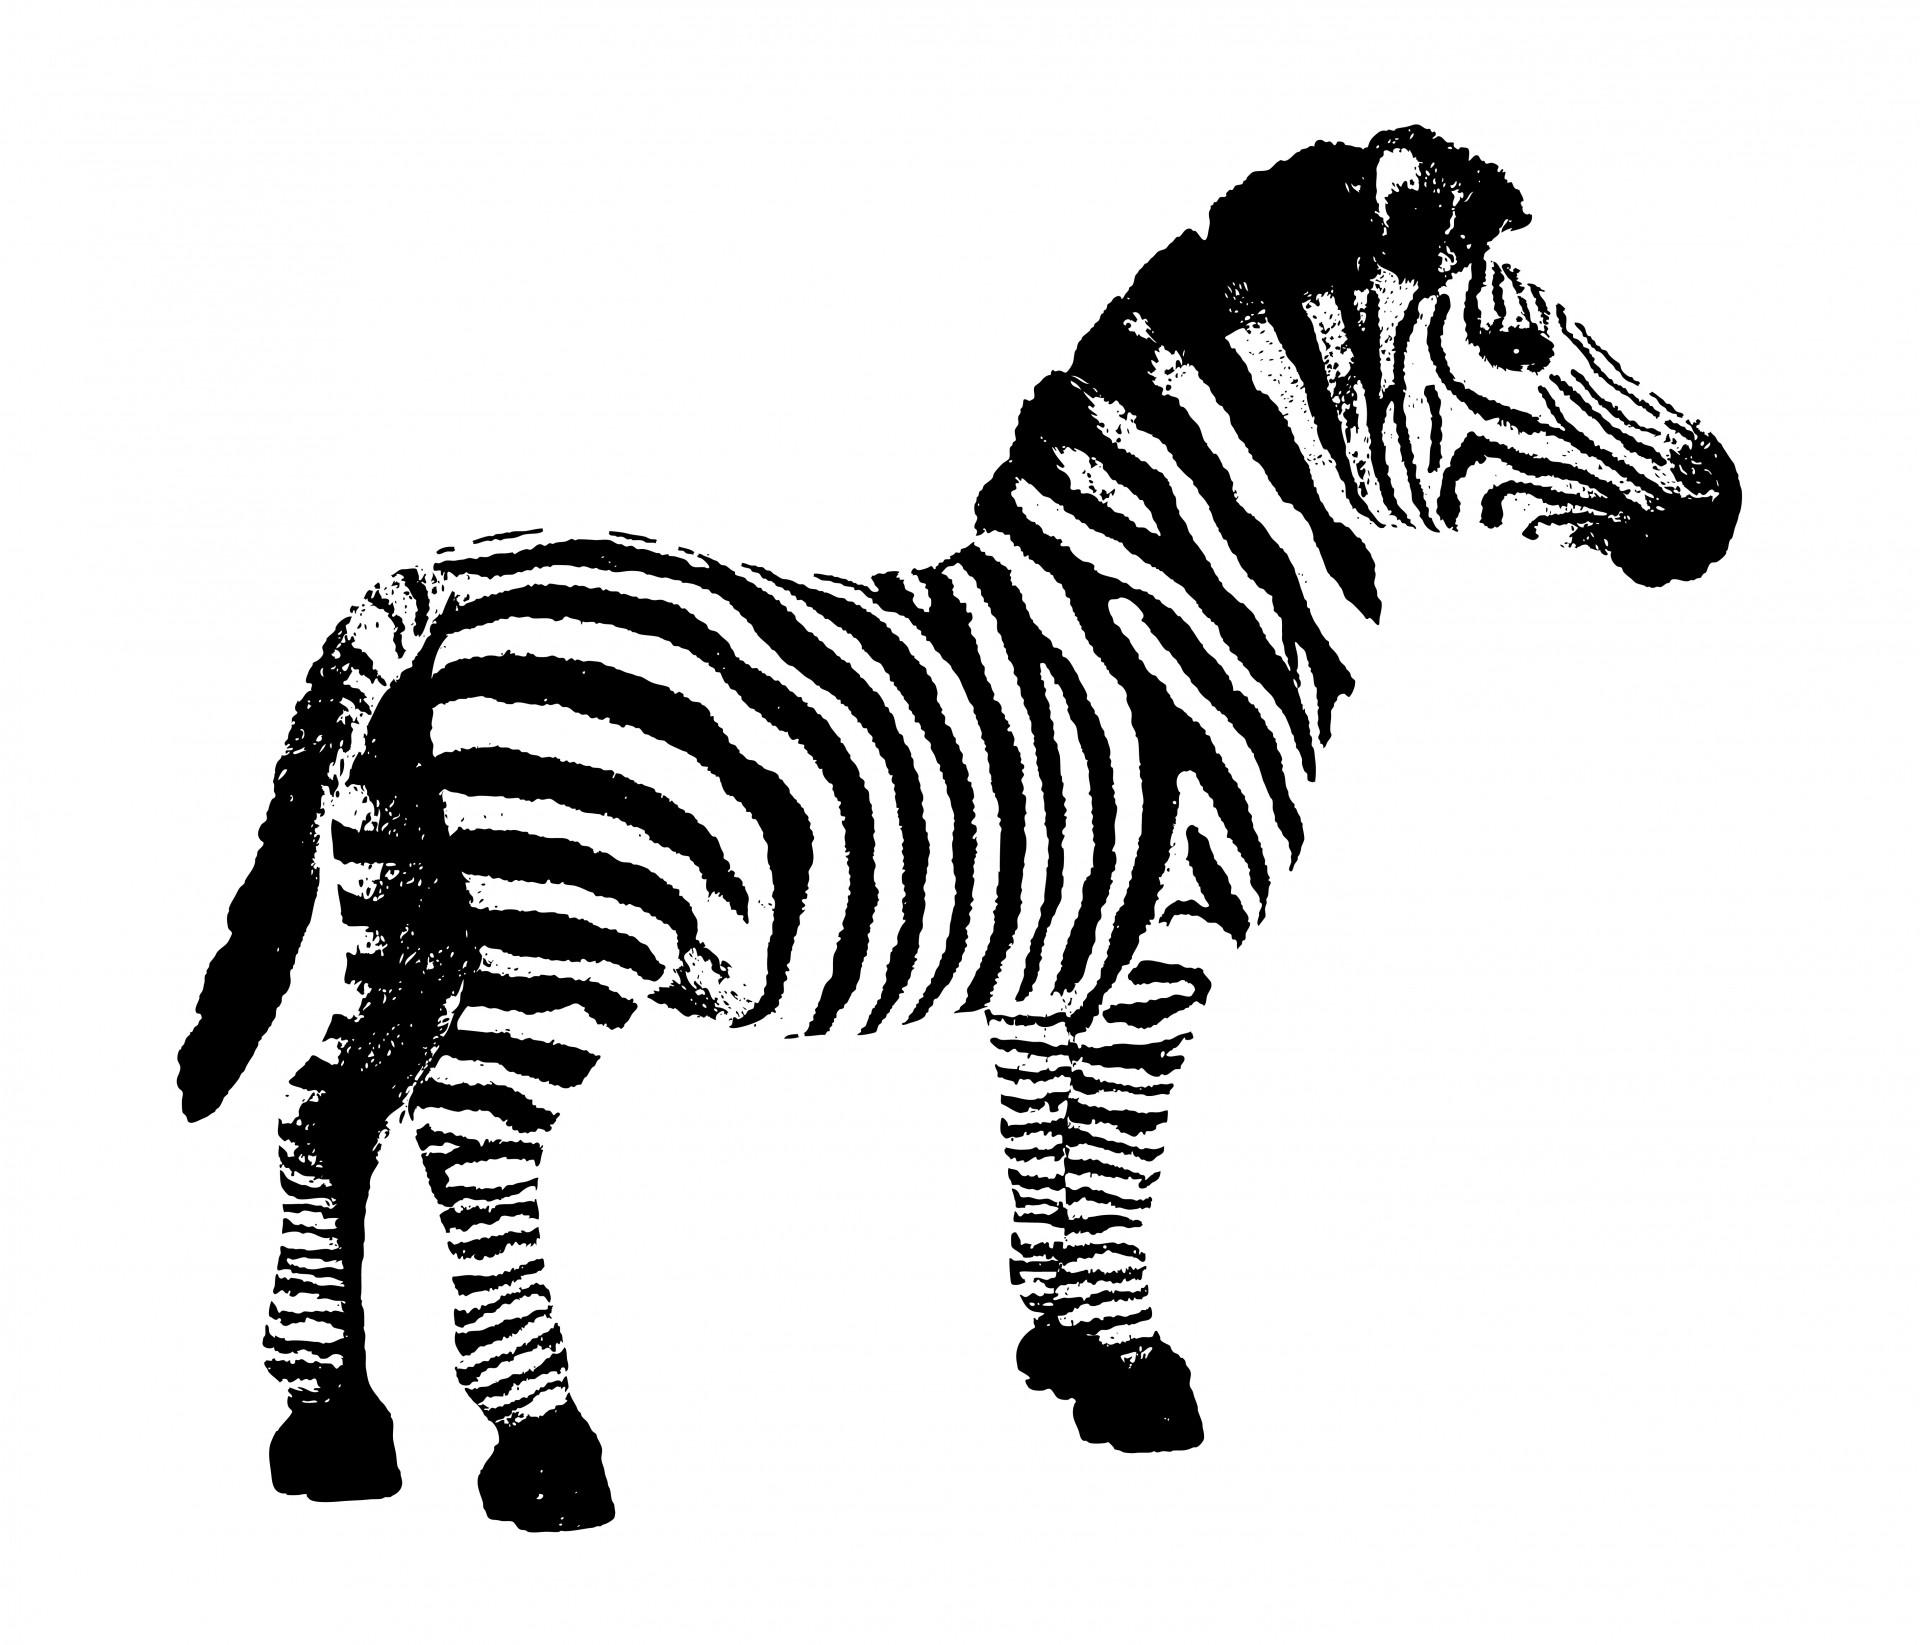 ... Zebra clip art free - Cliparting cli-... Zebra clip art free - Cliparting clipartall.com ...-15